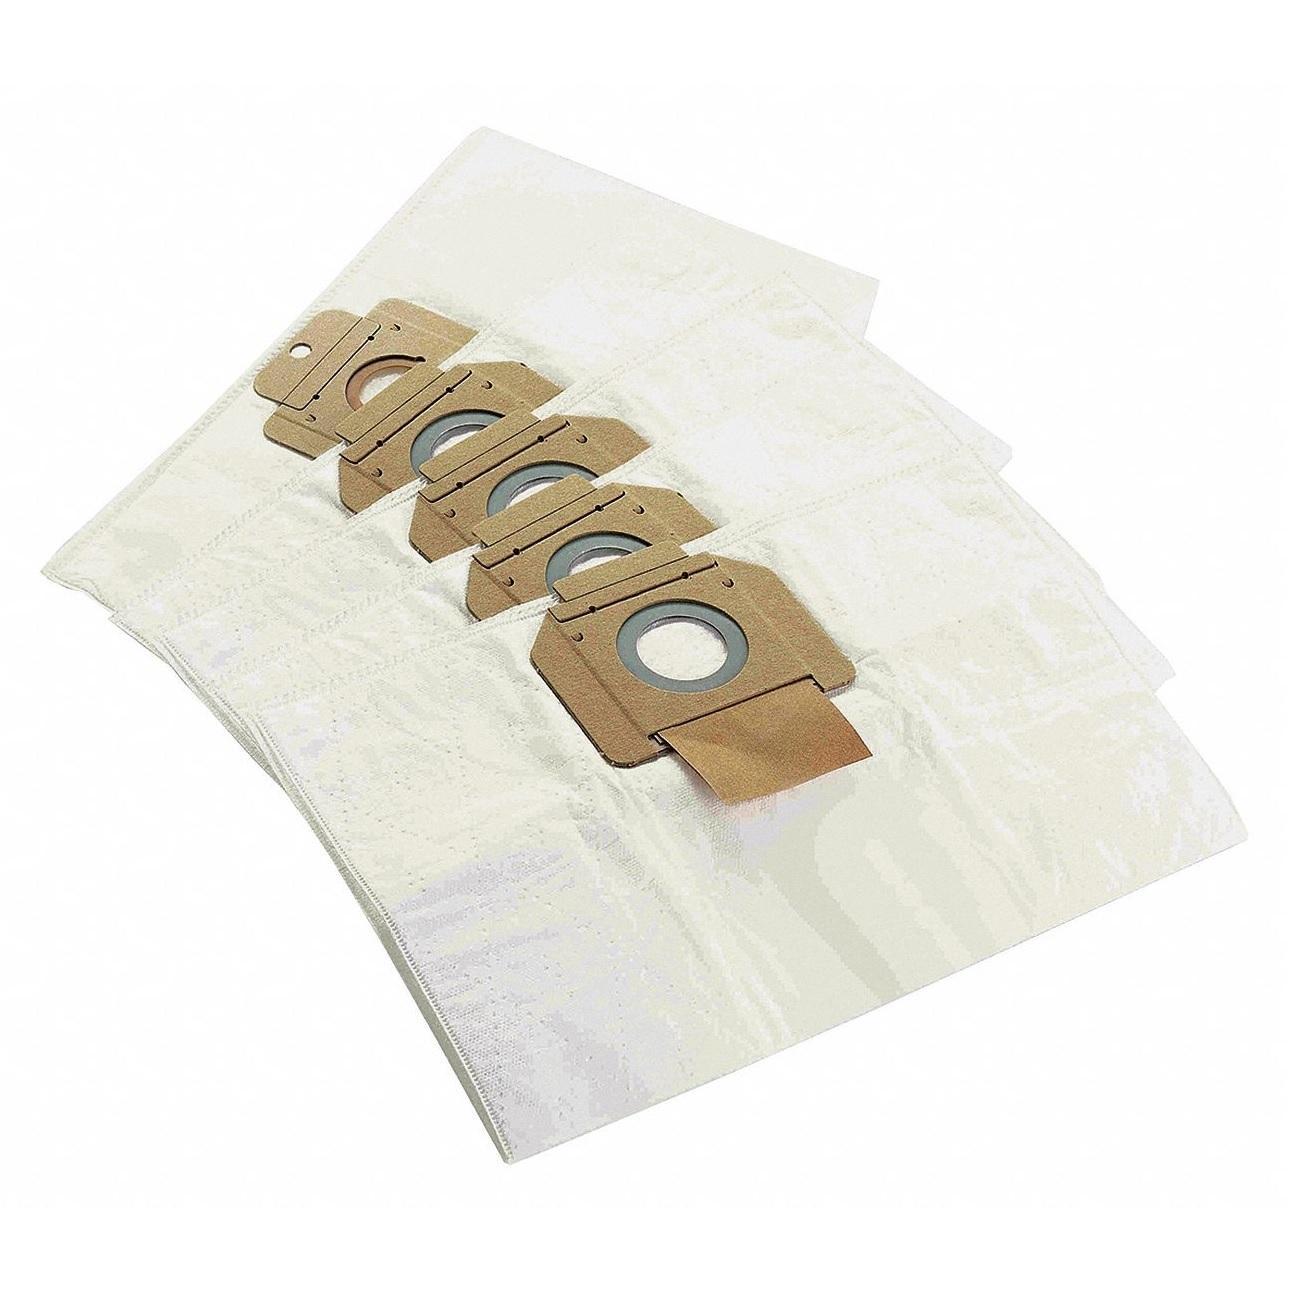 Nilfisk Fleece Filter Bag (5 pack)